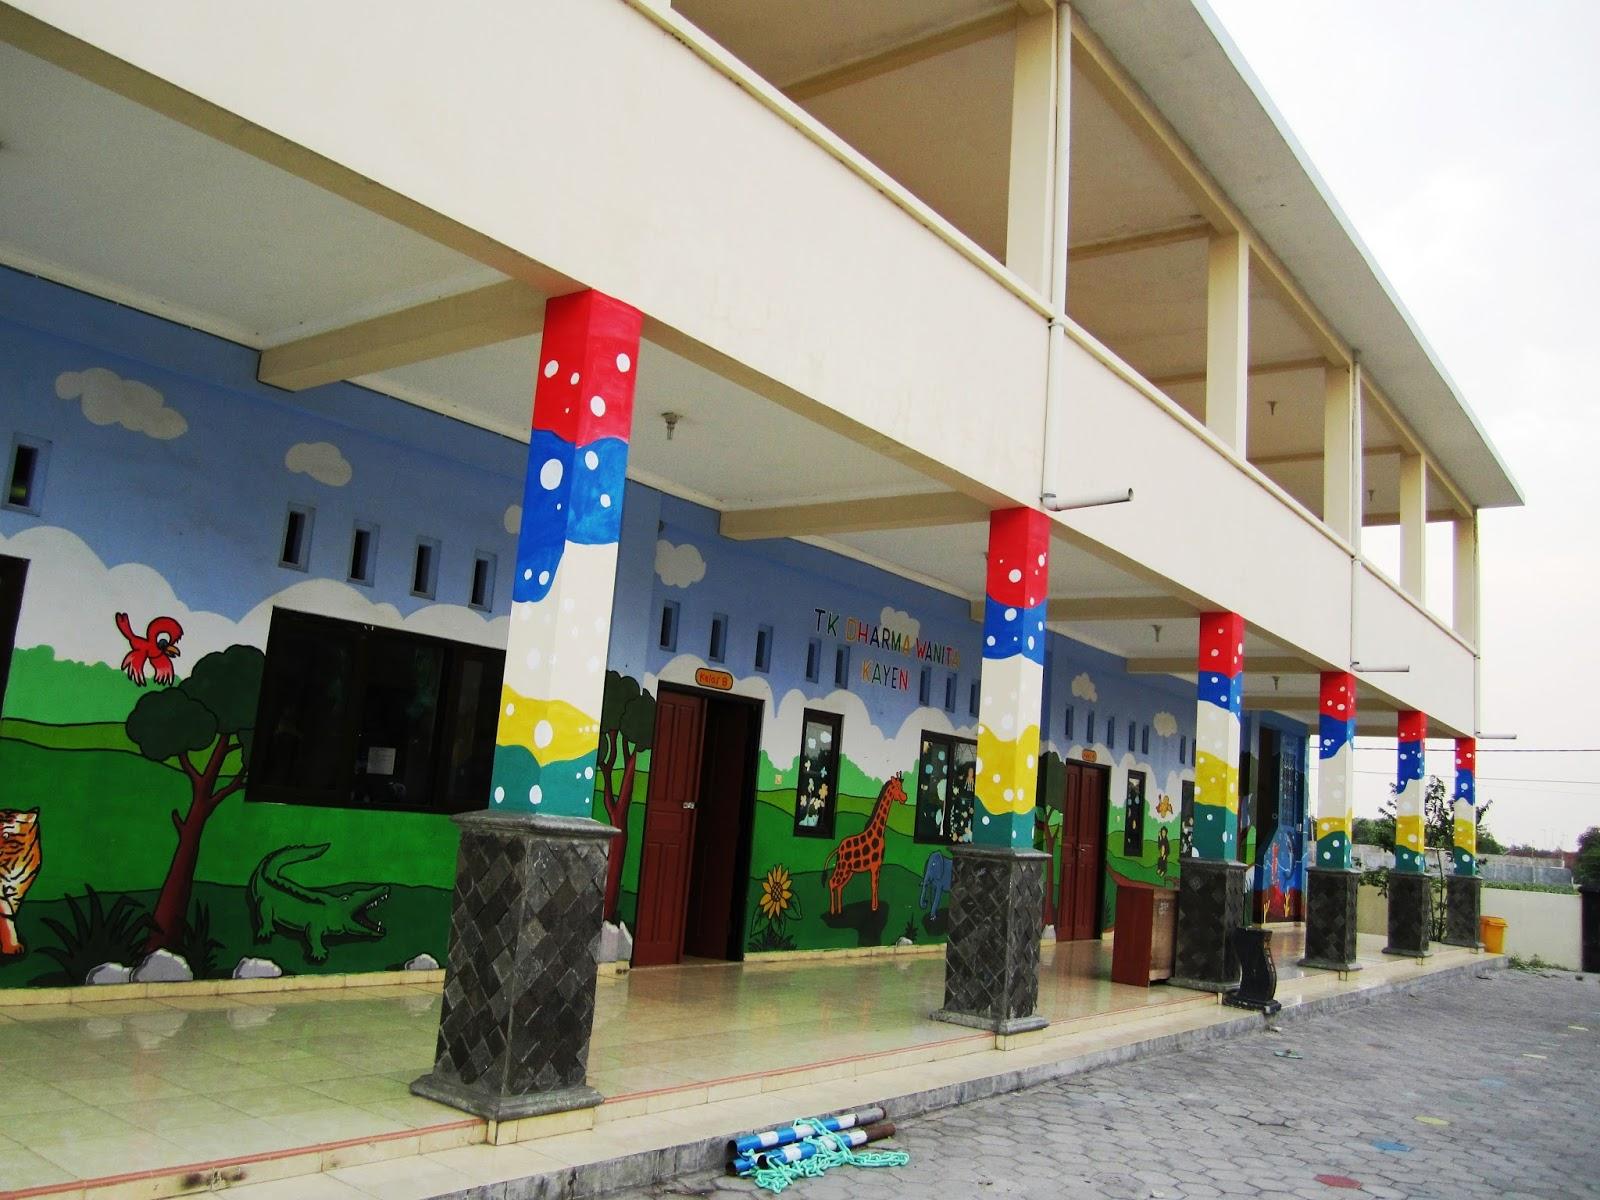 Contoh Karya Desain Gedung Taman Kanak-kanak Masa Kini